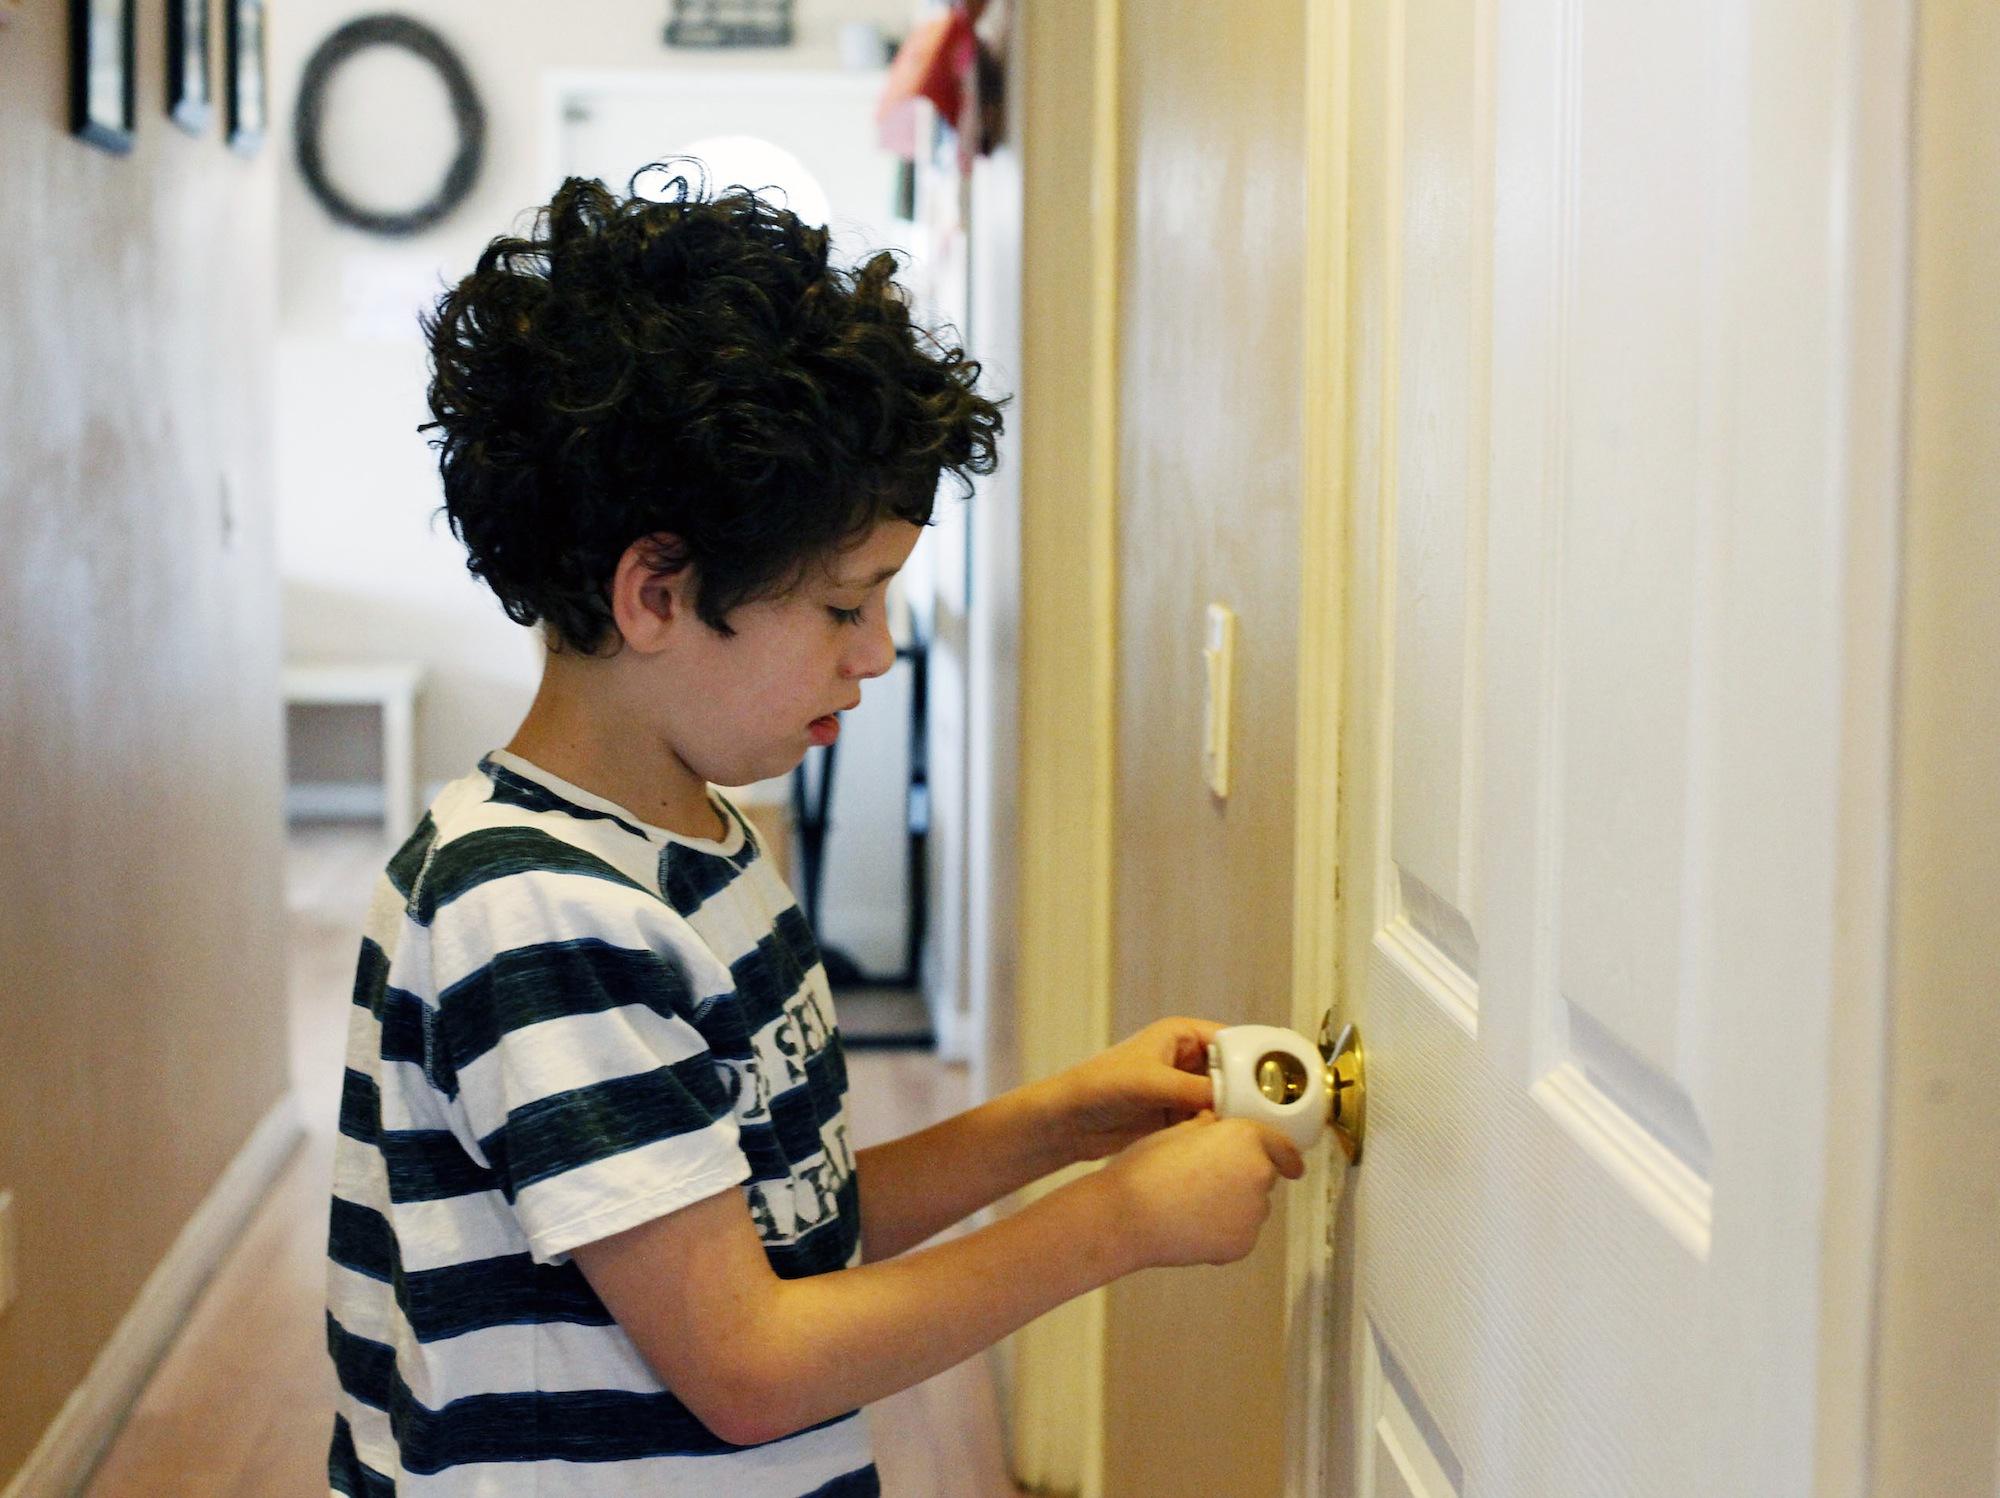 Det är oklart om mjölkkonsumtion har ett samband med ADHD och autism. Foto: AP Scanpix Sweden